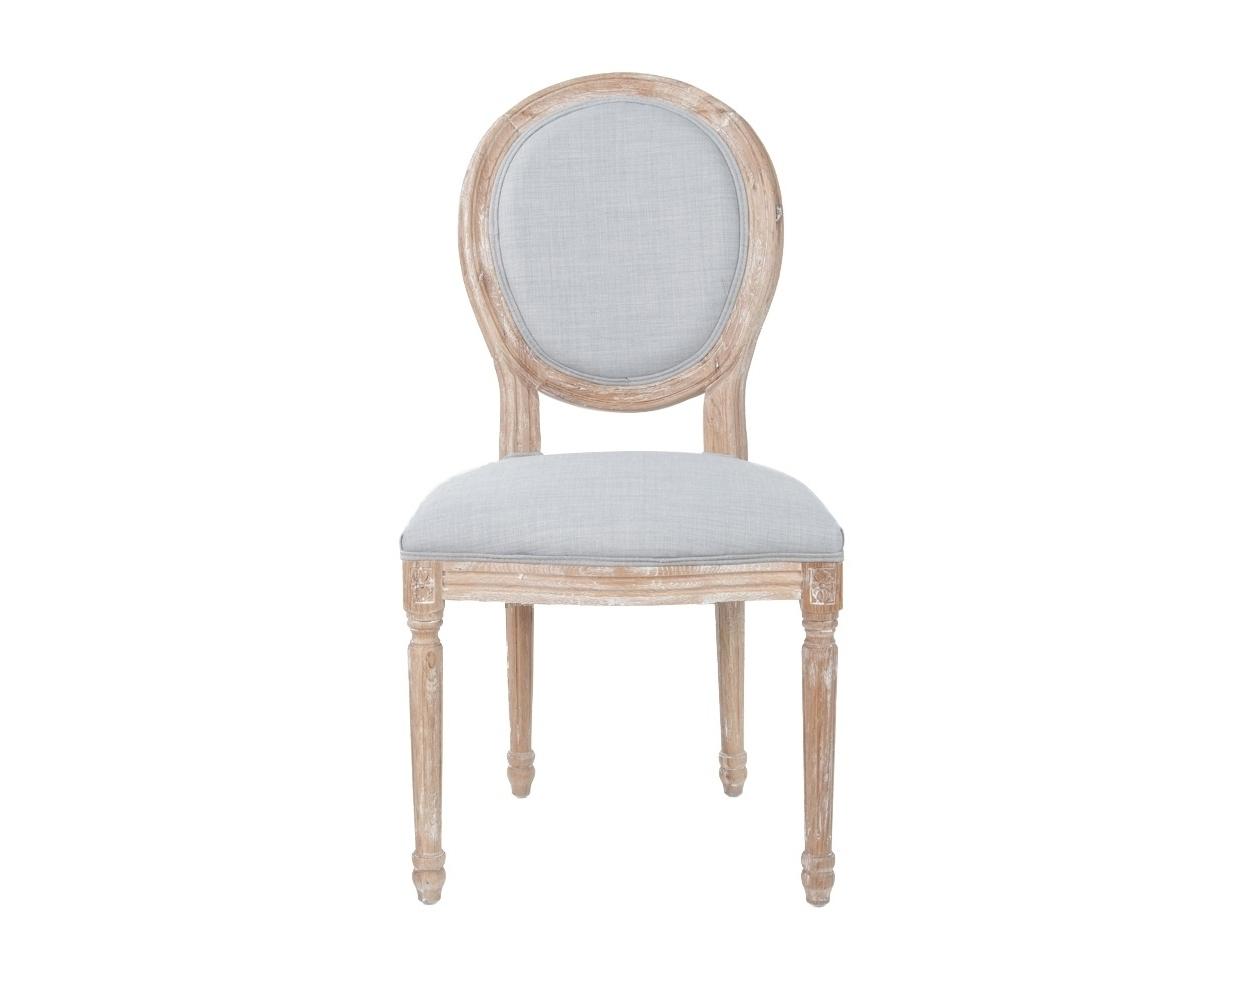 Стул MiroОбеденные стулья<br>Стул Miro выполнен в элегантном классическом стиле с изящной спинкой, но не так серьезен благодаря своей изюминке - яркой расцветке. Яркий и одновременно изысканный стул.&amp;lt;div&amp;gt;Cветло-серый с небольшим оттенком синевы&amp;lt;br&amp;gt;&amp;lt;/div&amp;gt;&amp;lt;div&amp;gt;&amp;lt;br&amp;gt;&amp;lt;/div&amp;gt;&amp;lt;div&amp;gt;Материал: Лен, Массив дуба.&amp;amp;nbsp;&amp;lt;/div&amp;gt;<br><br>Material: Дуб<br>Ширина см: 50<br>Высота см: 98<br>Глубина см: 56